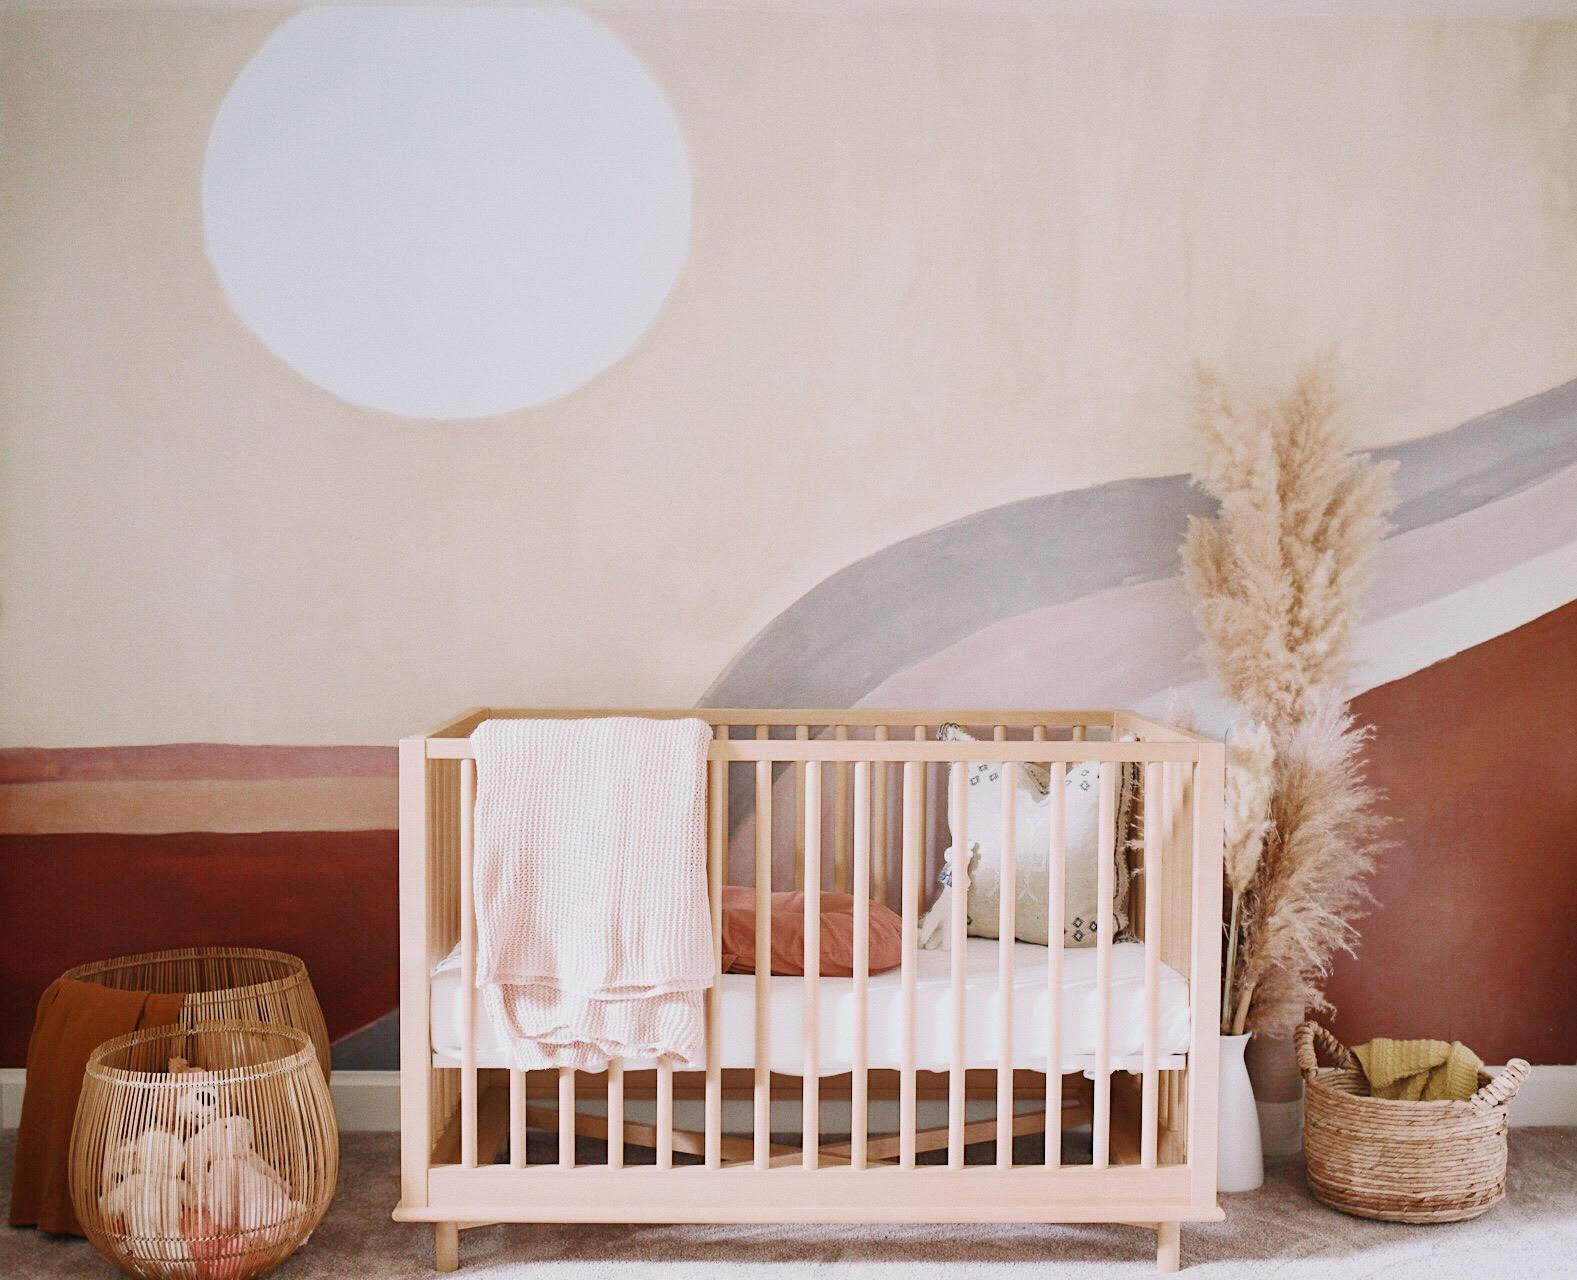 Desert Sunrise Mural in Boho Nursery Design: Sydney Penner 2020 Nursery Trends: Desert Sunrise